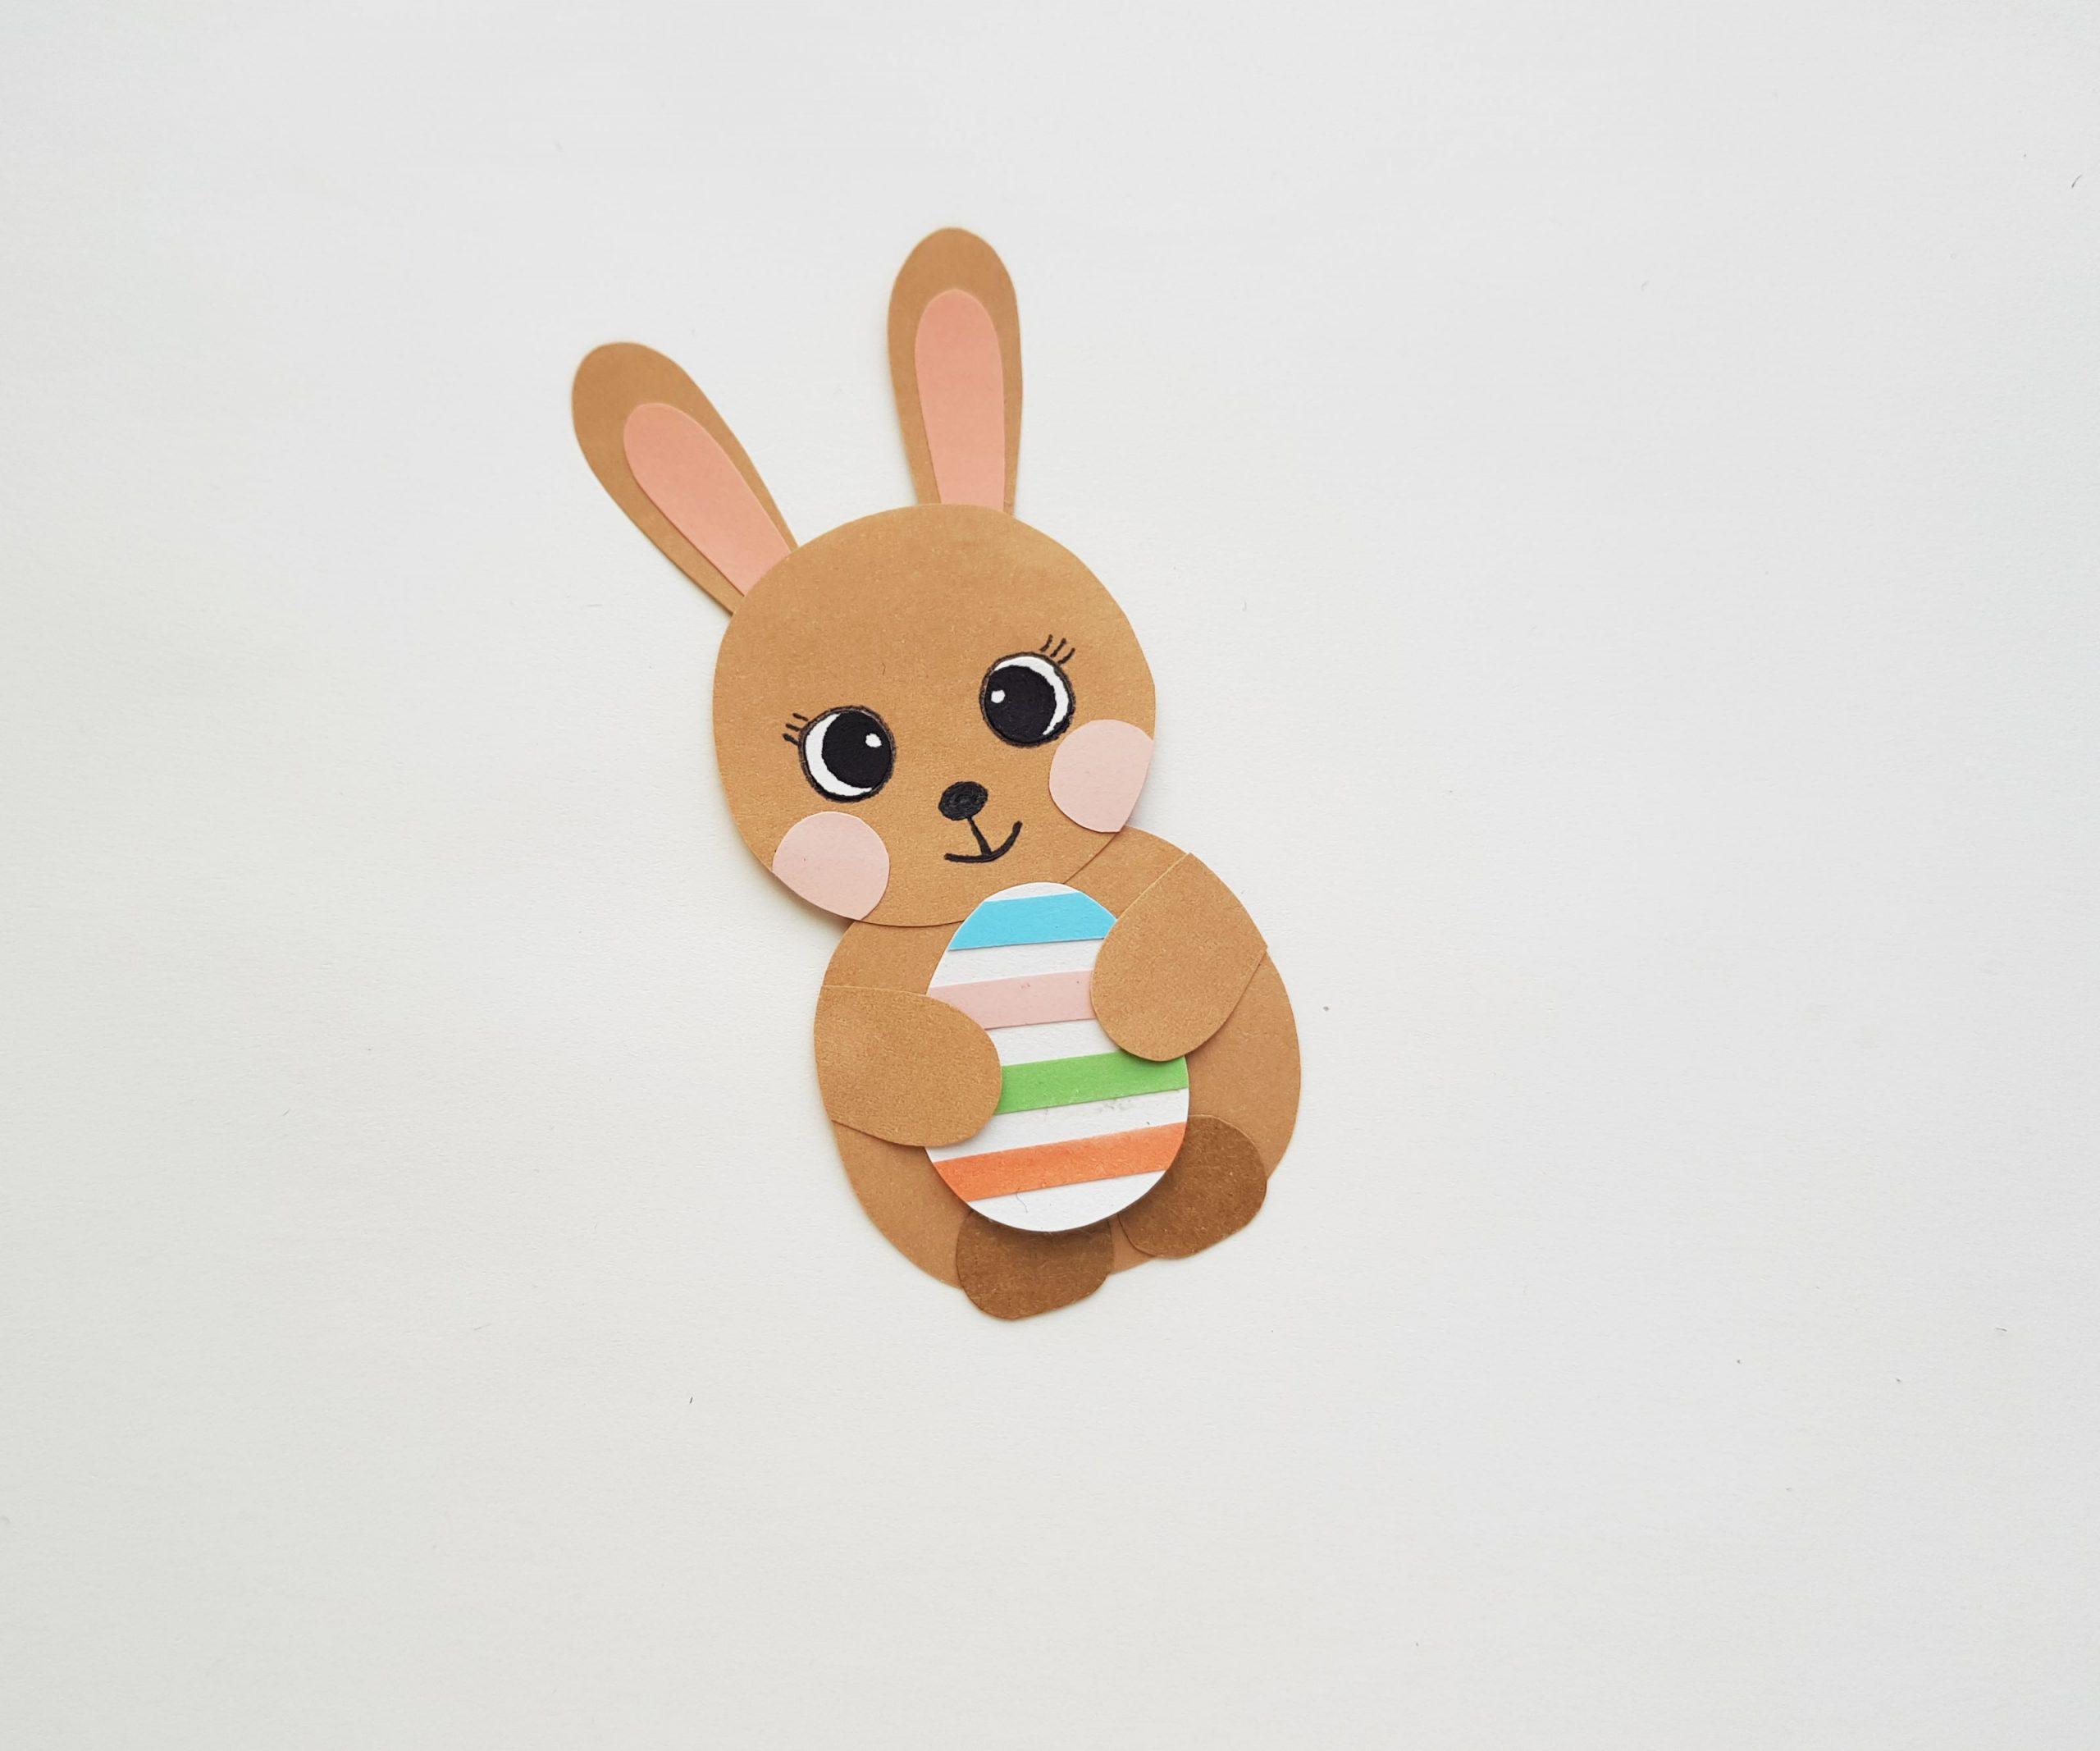 conejito de pascua con huevo artesanal